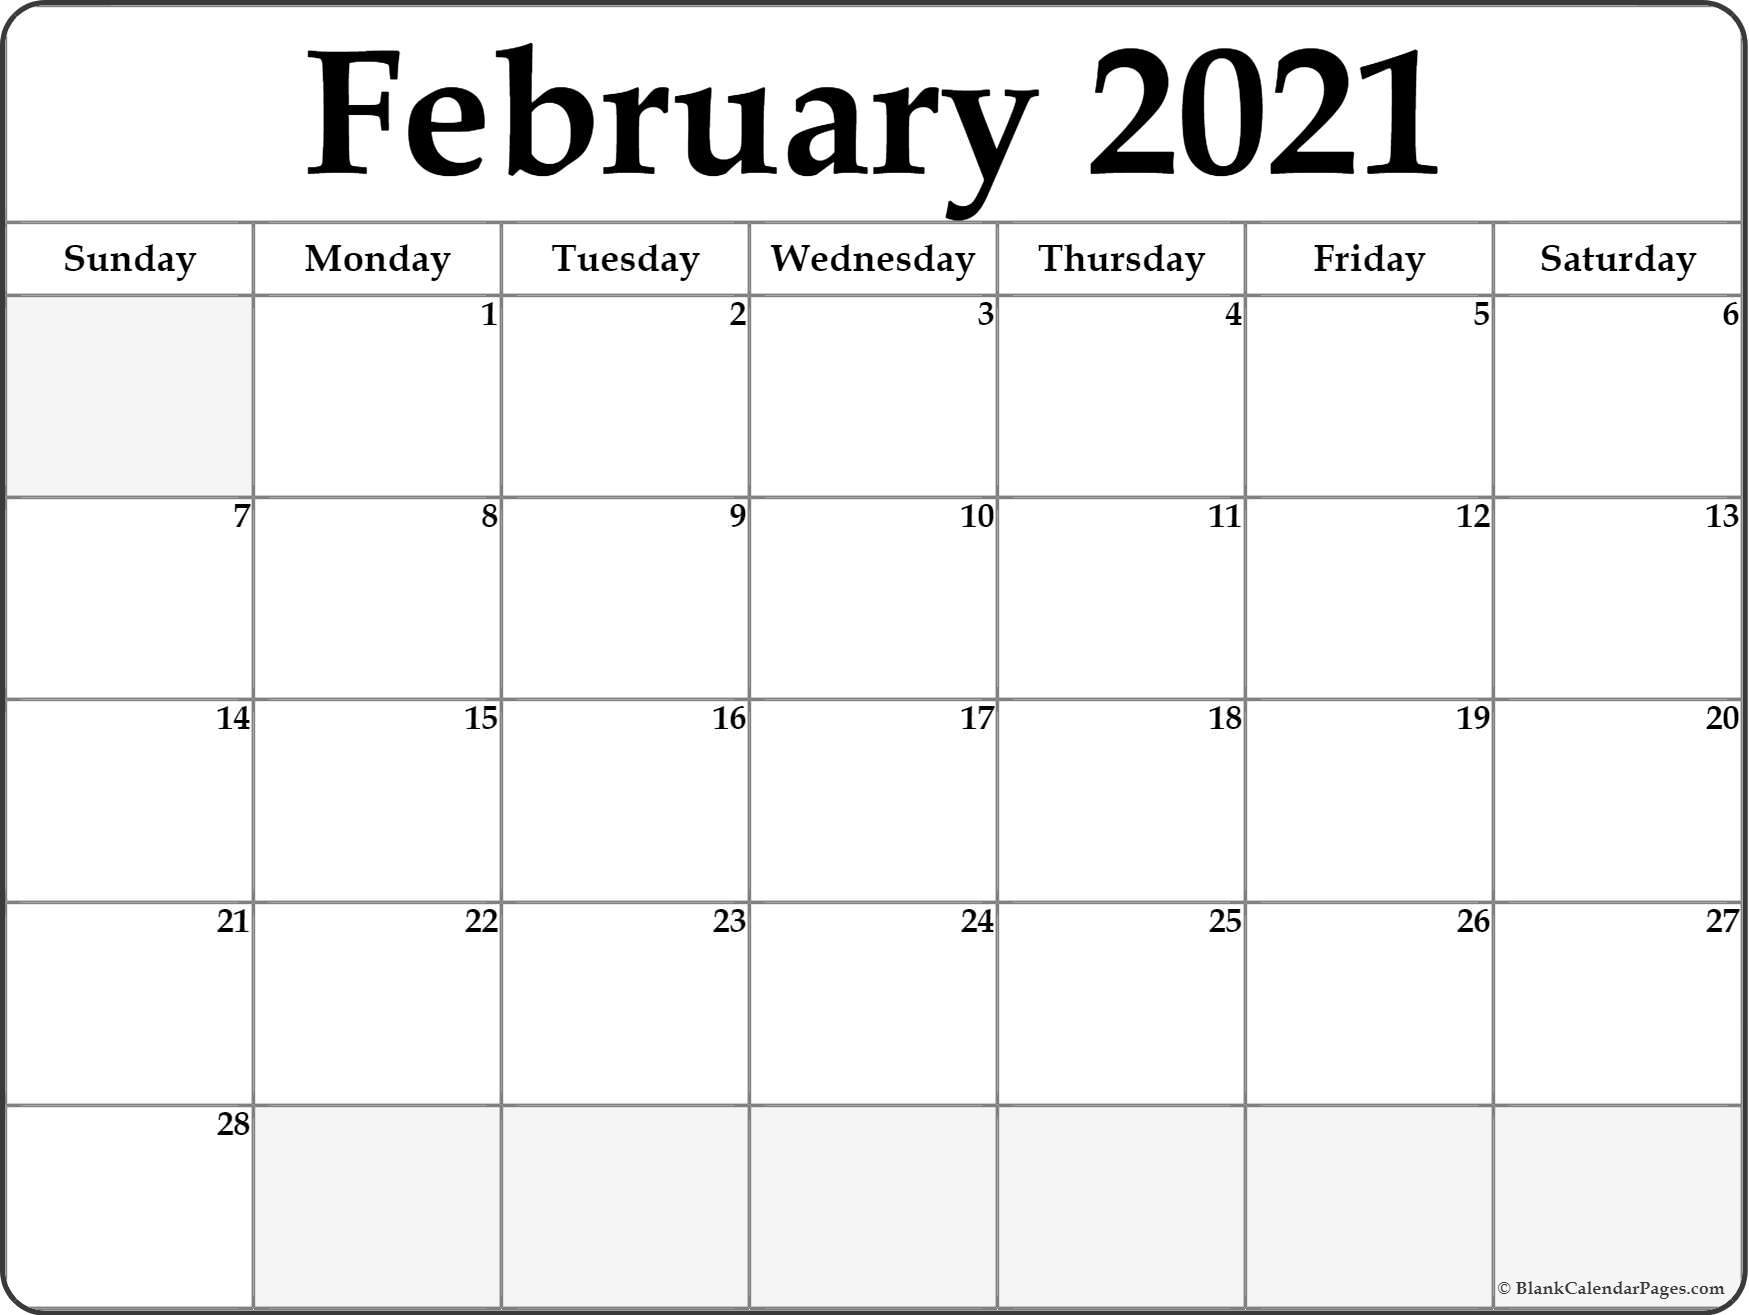 February 2021 Calendar 2 Avnitasoni